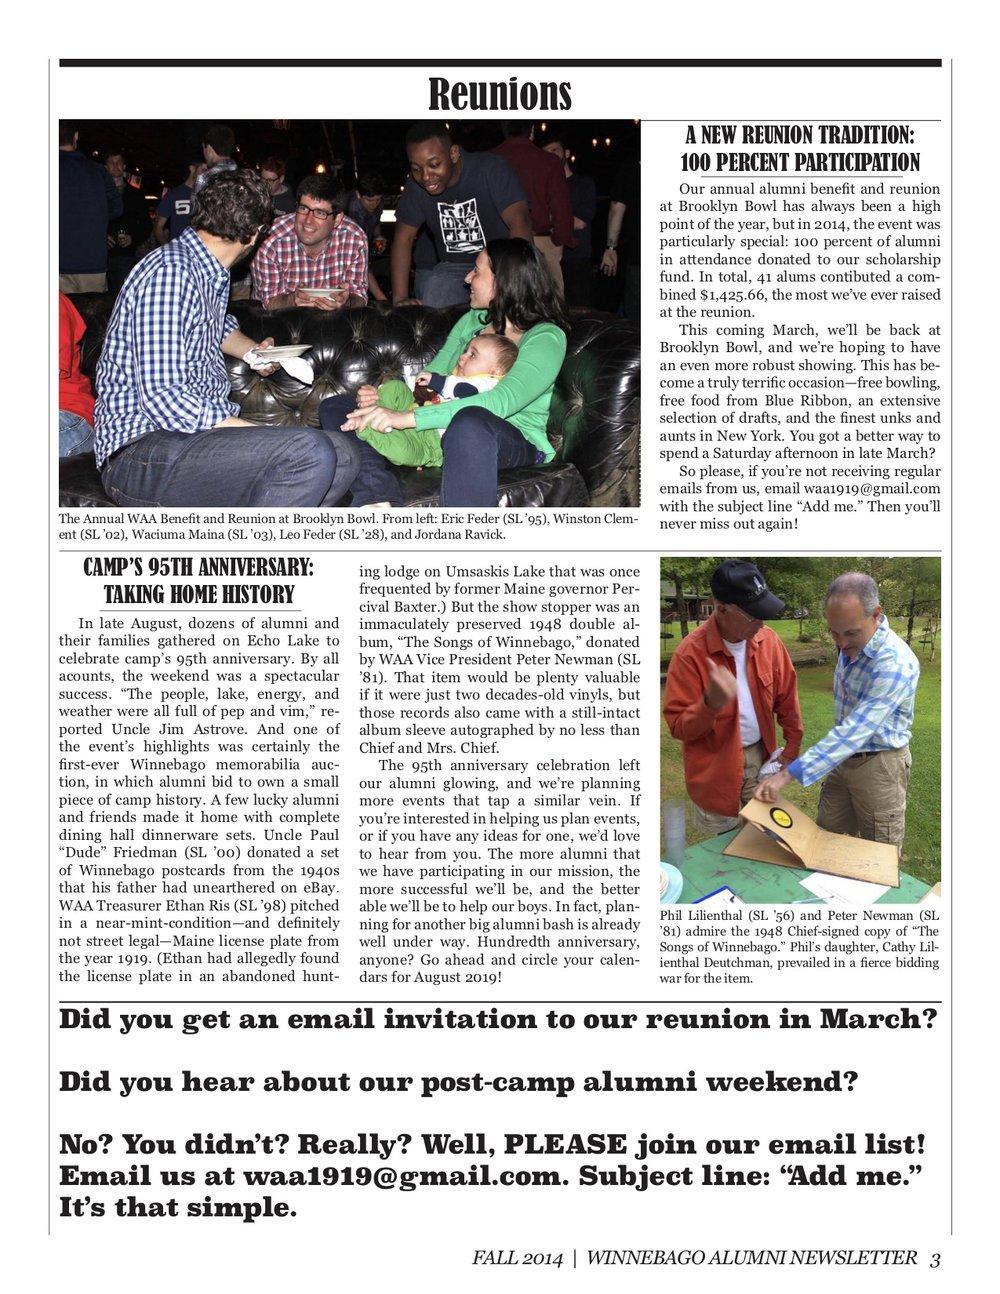 2014 Fall Newsletter 3.jpg